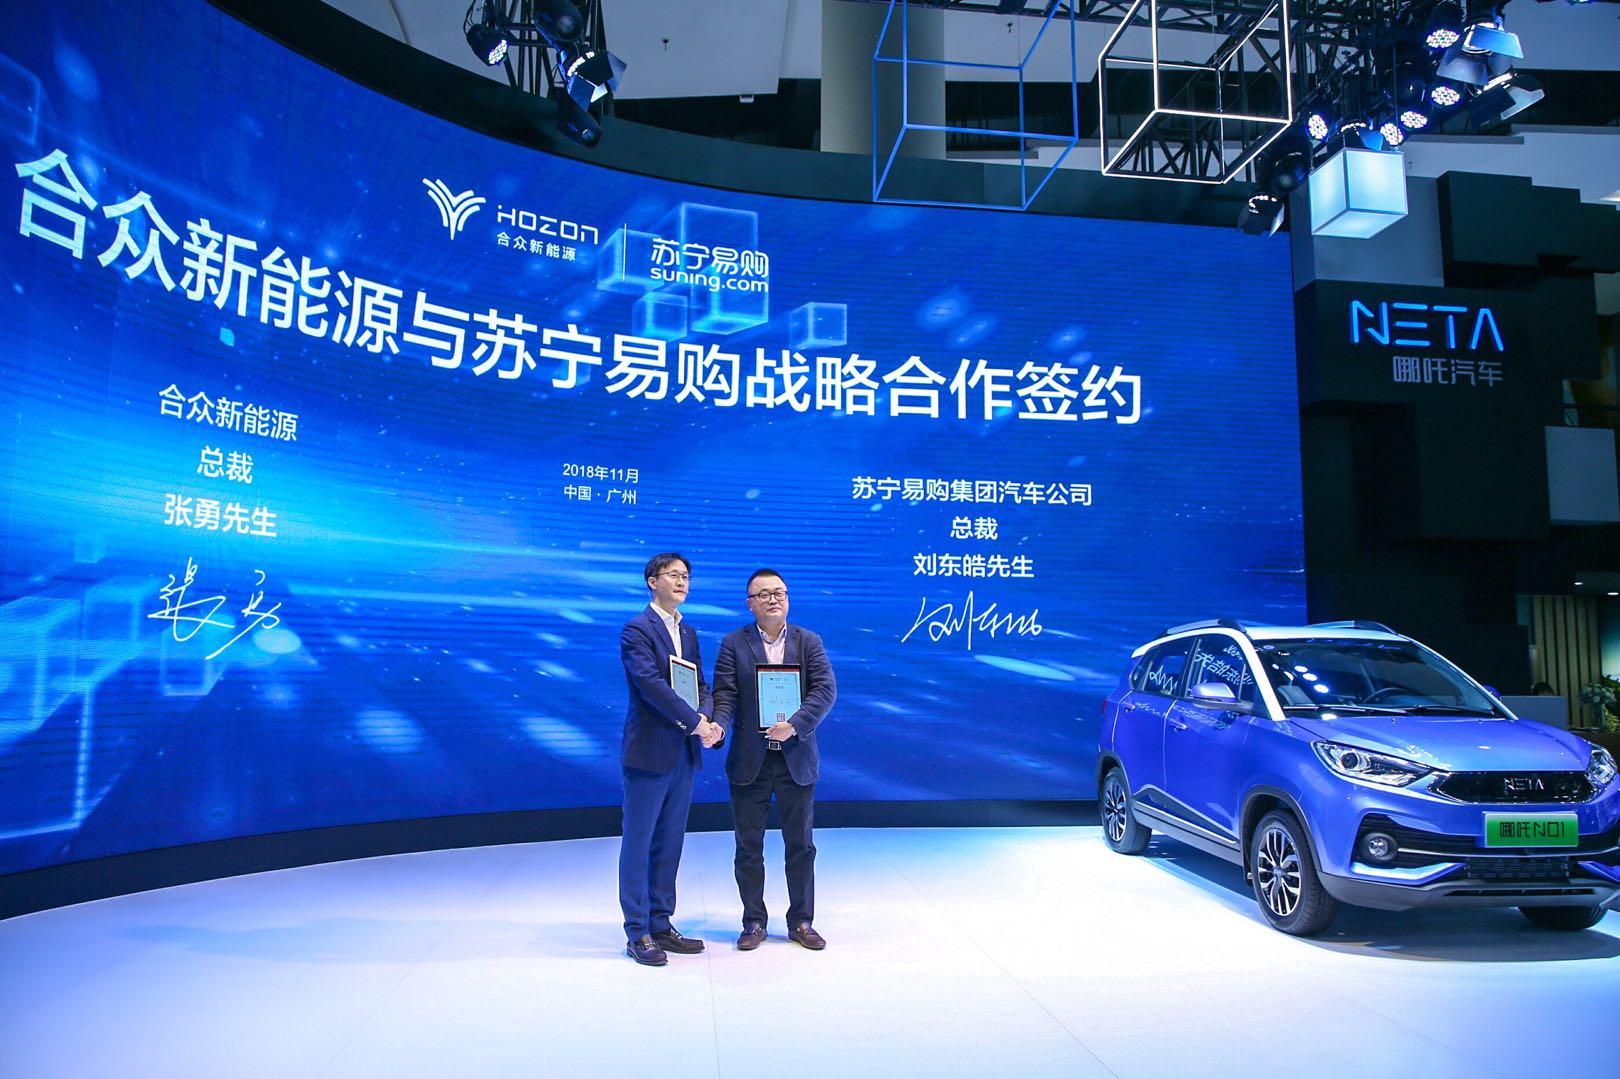 从合众到国金、弘安,苏宁汽车正在暗中集结新能源车企